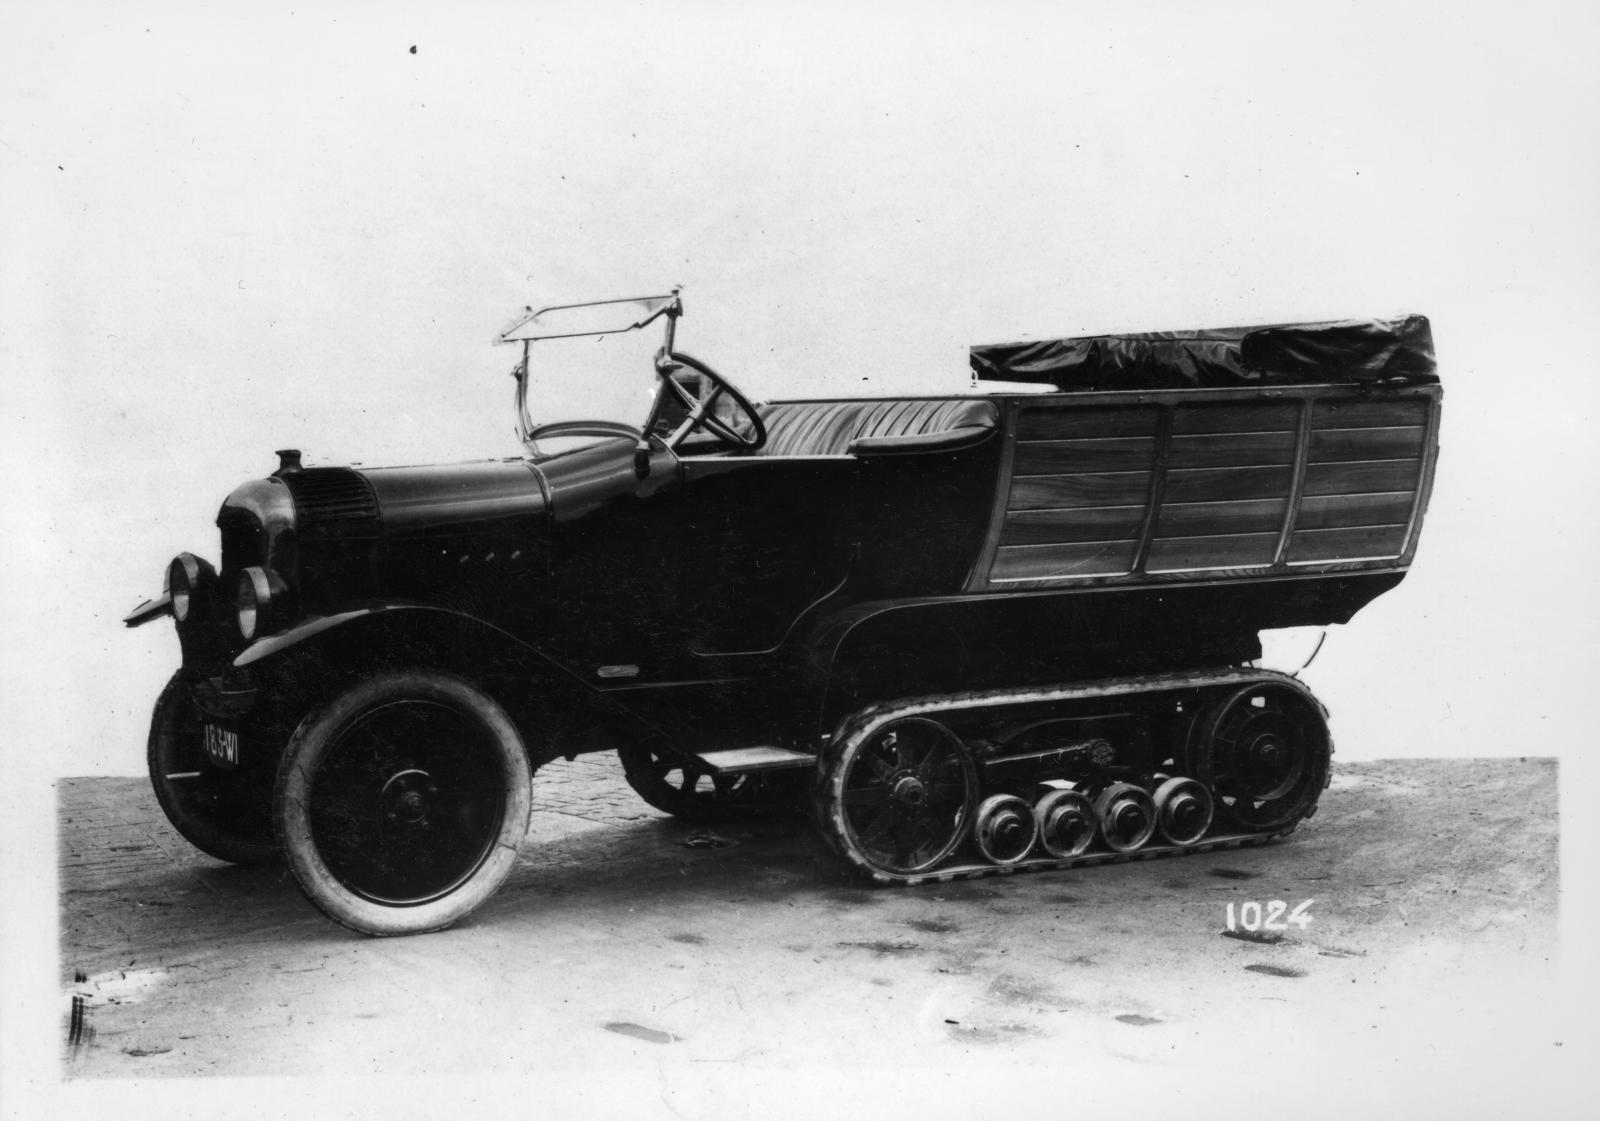 Autochenille B2 Normande 1922